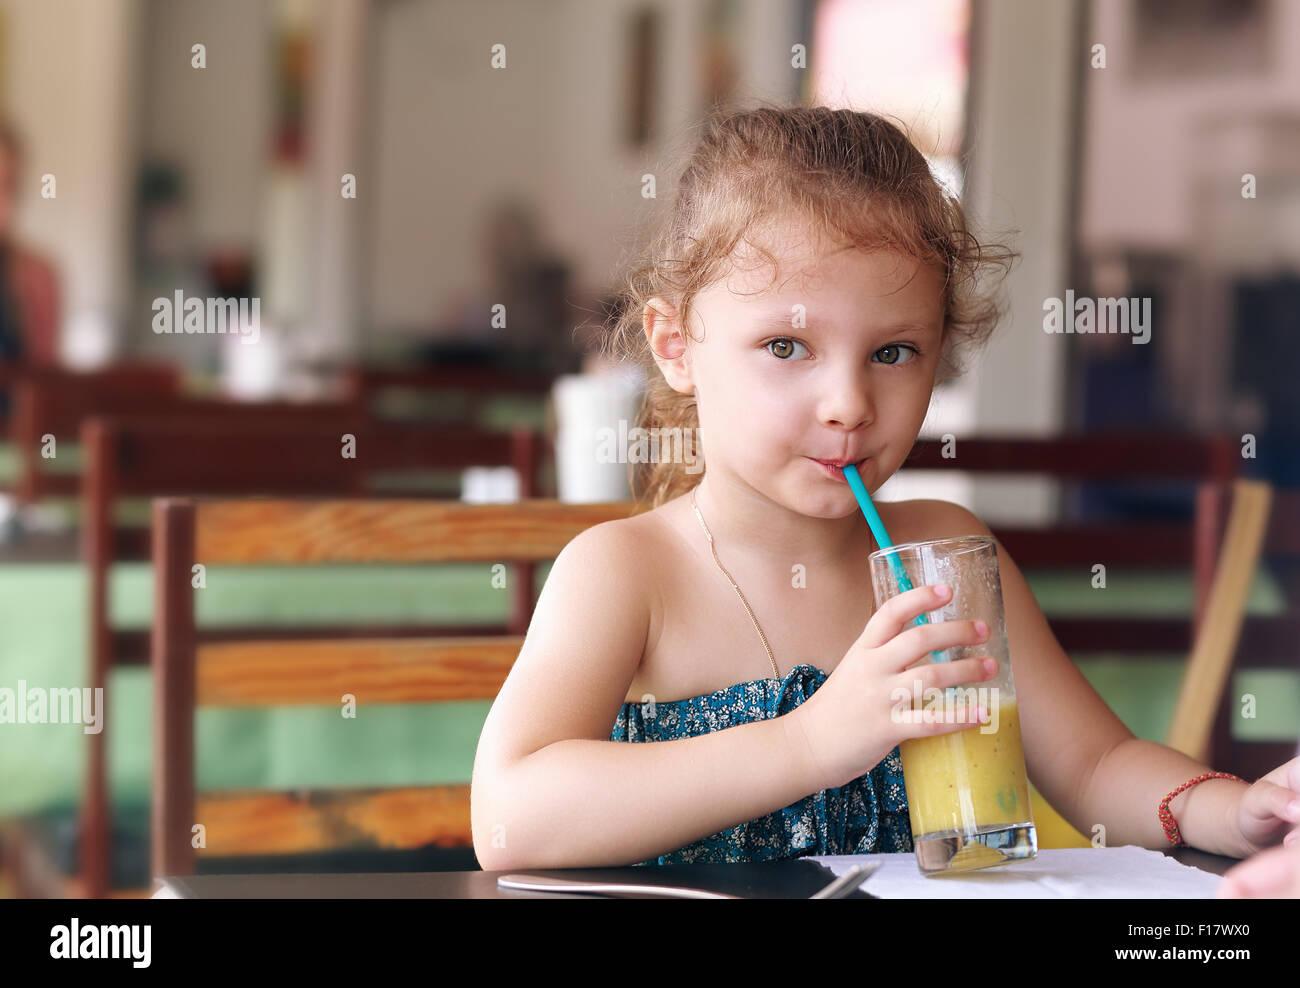 Süßes kleines Kind Mädchen trinken Saft im Café mit ernsten Blick Stockbild